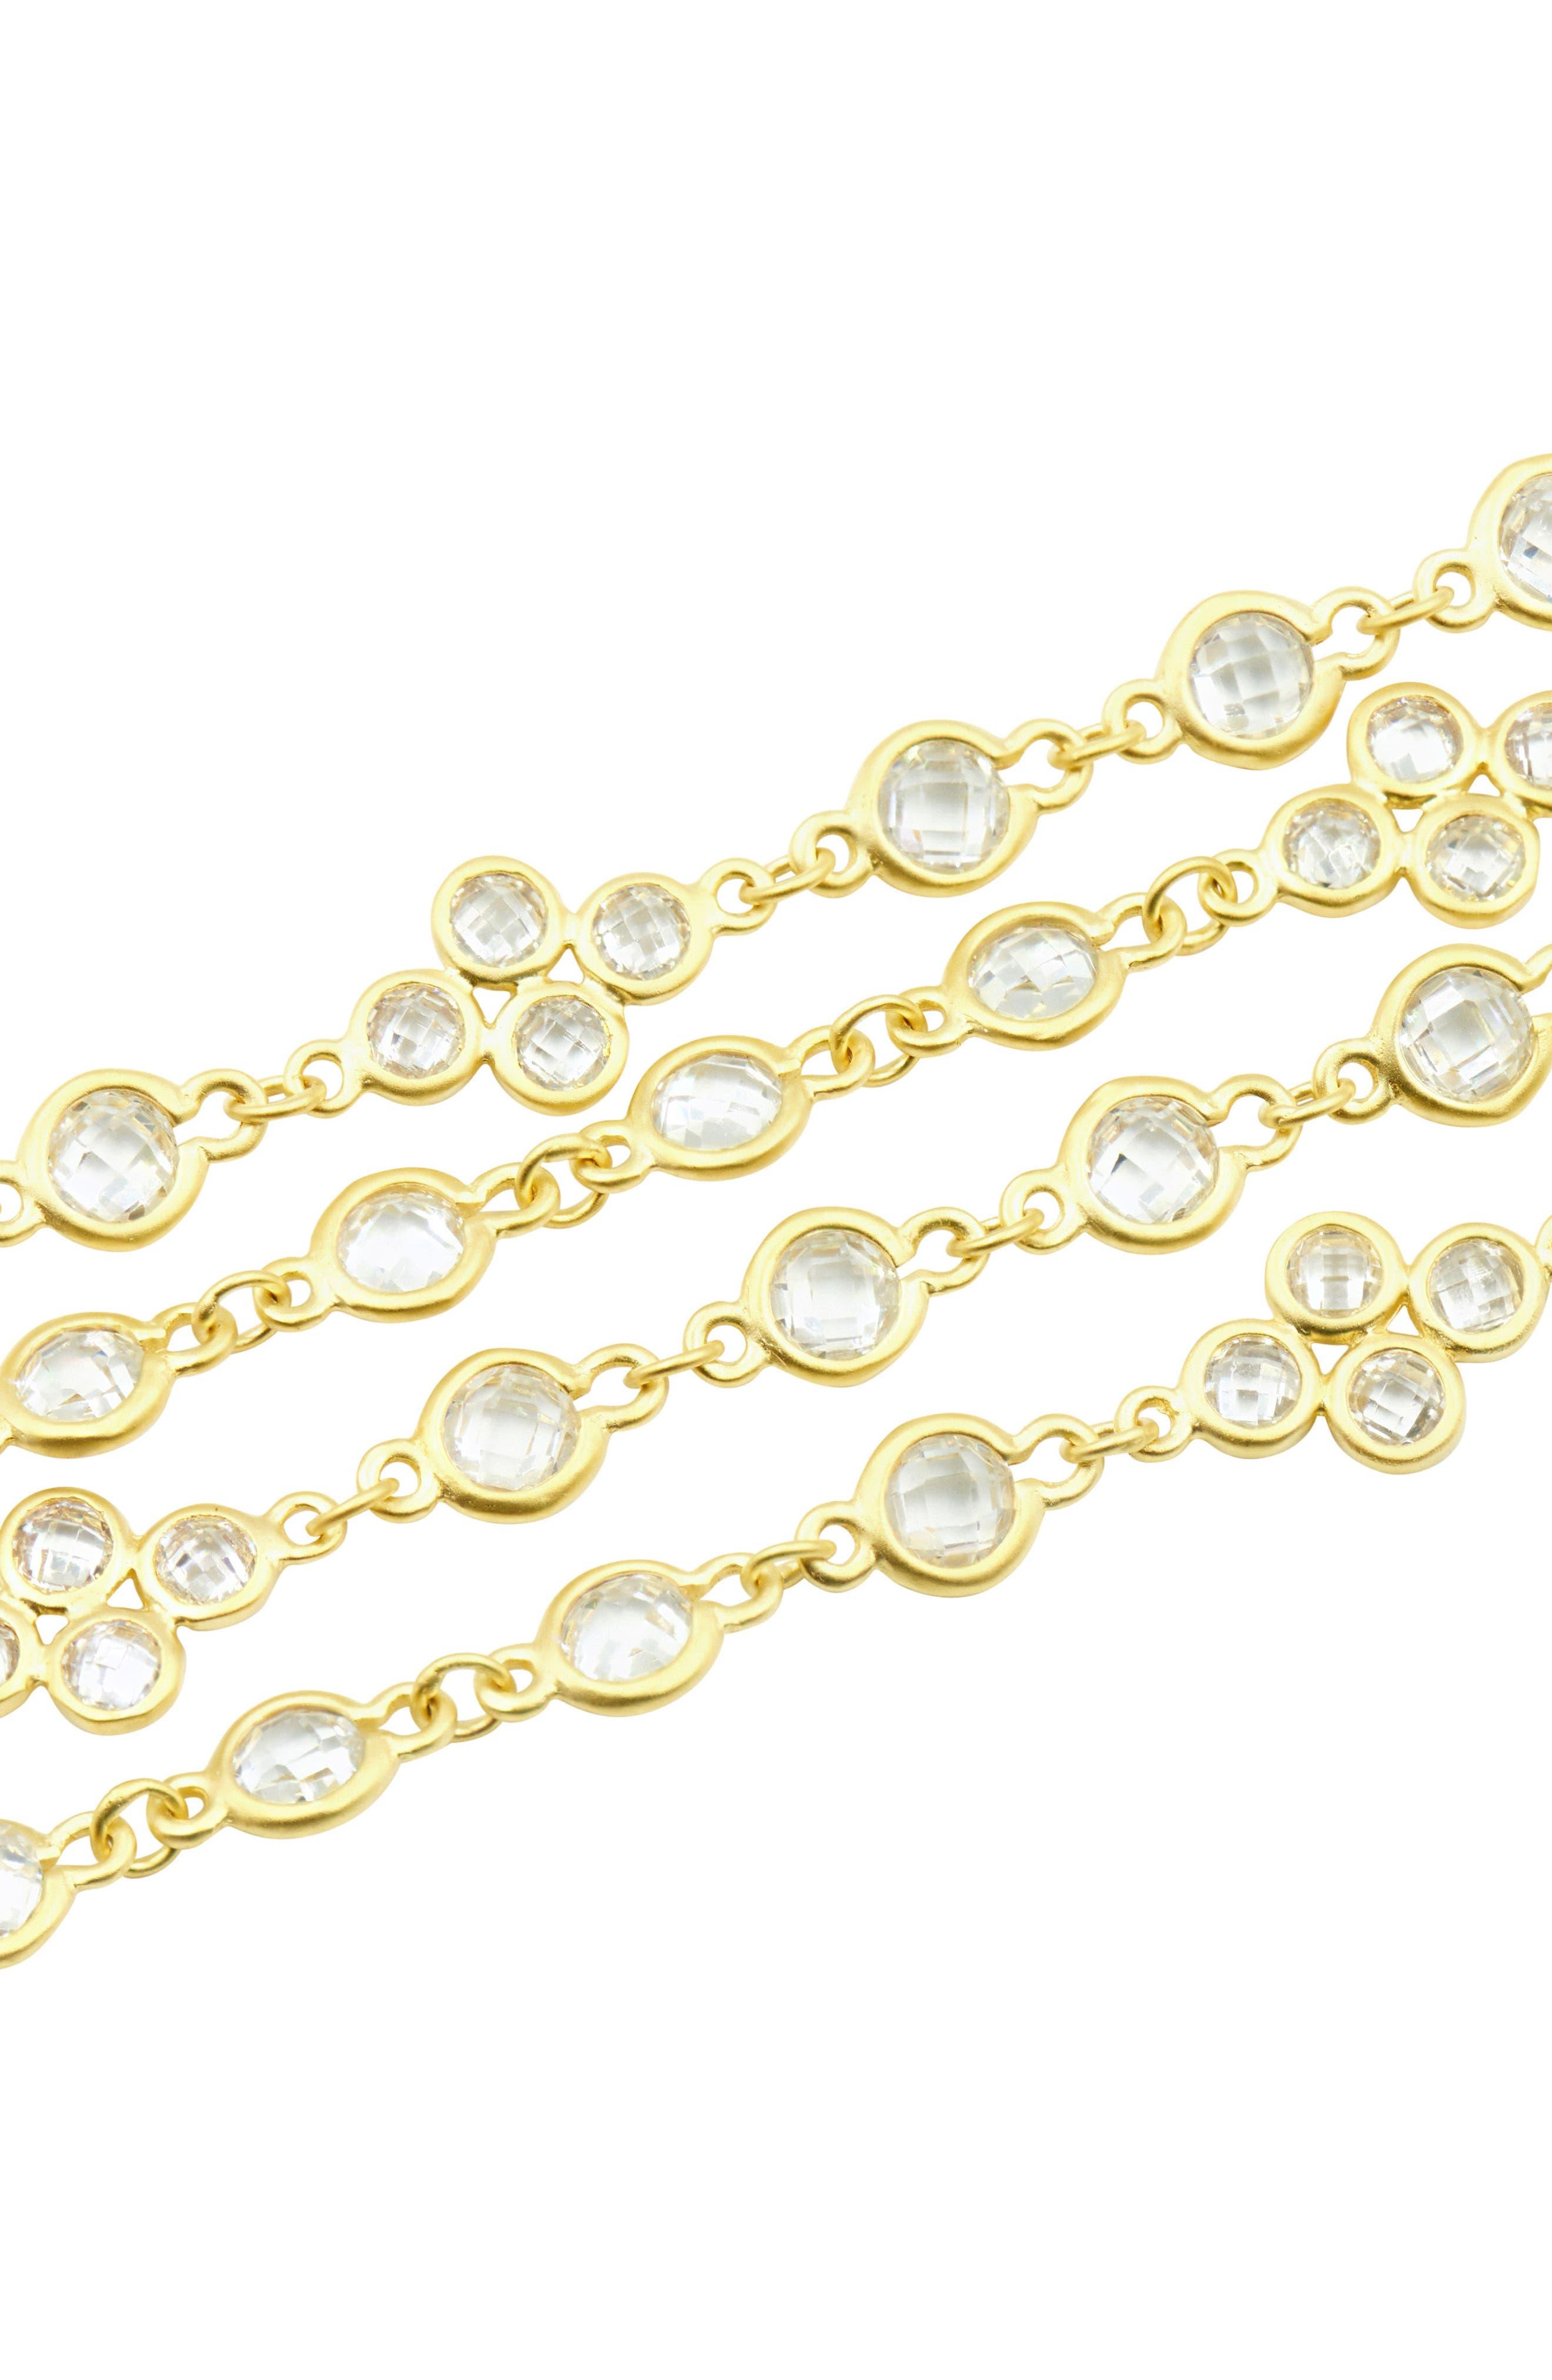 Audrey Radiance Four-Chain Bracelet,                             Alternate thumbnail 2, color,                             Gold/ Clear